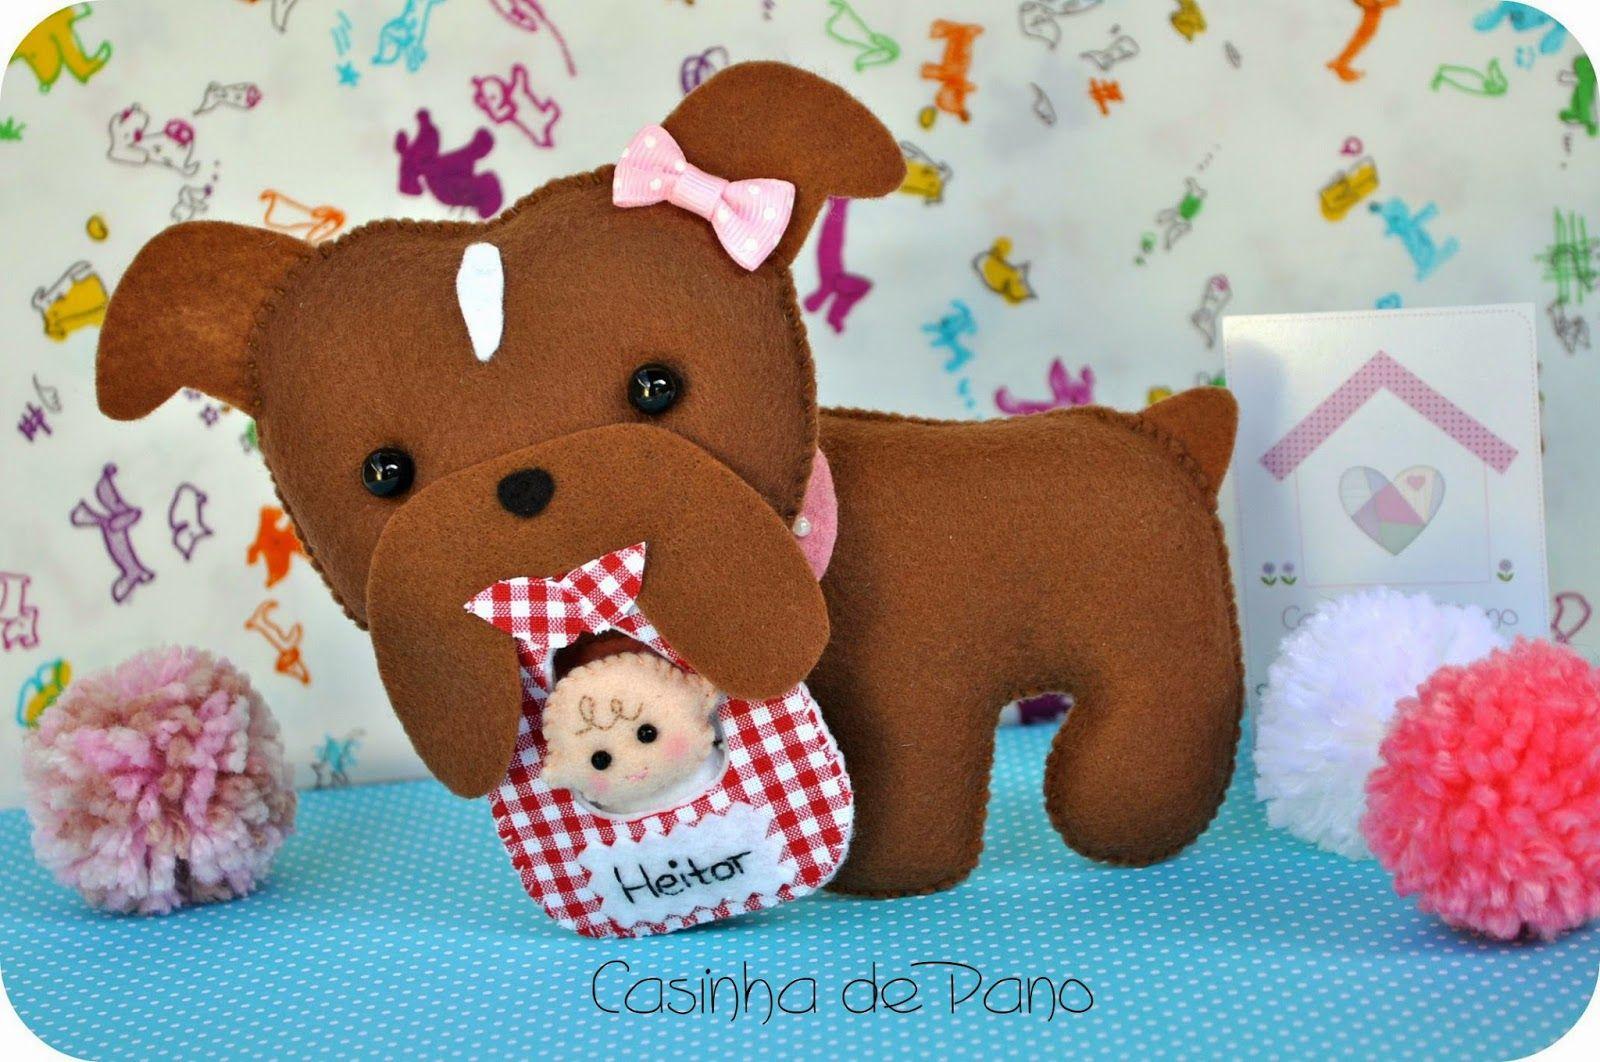 Casinha de Pano: Bulldog com bebê